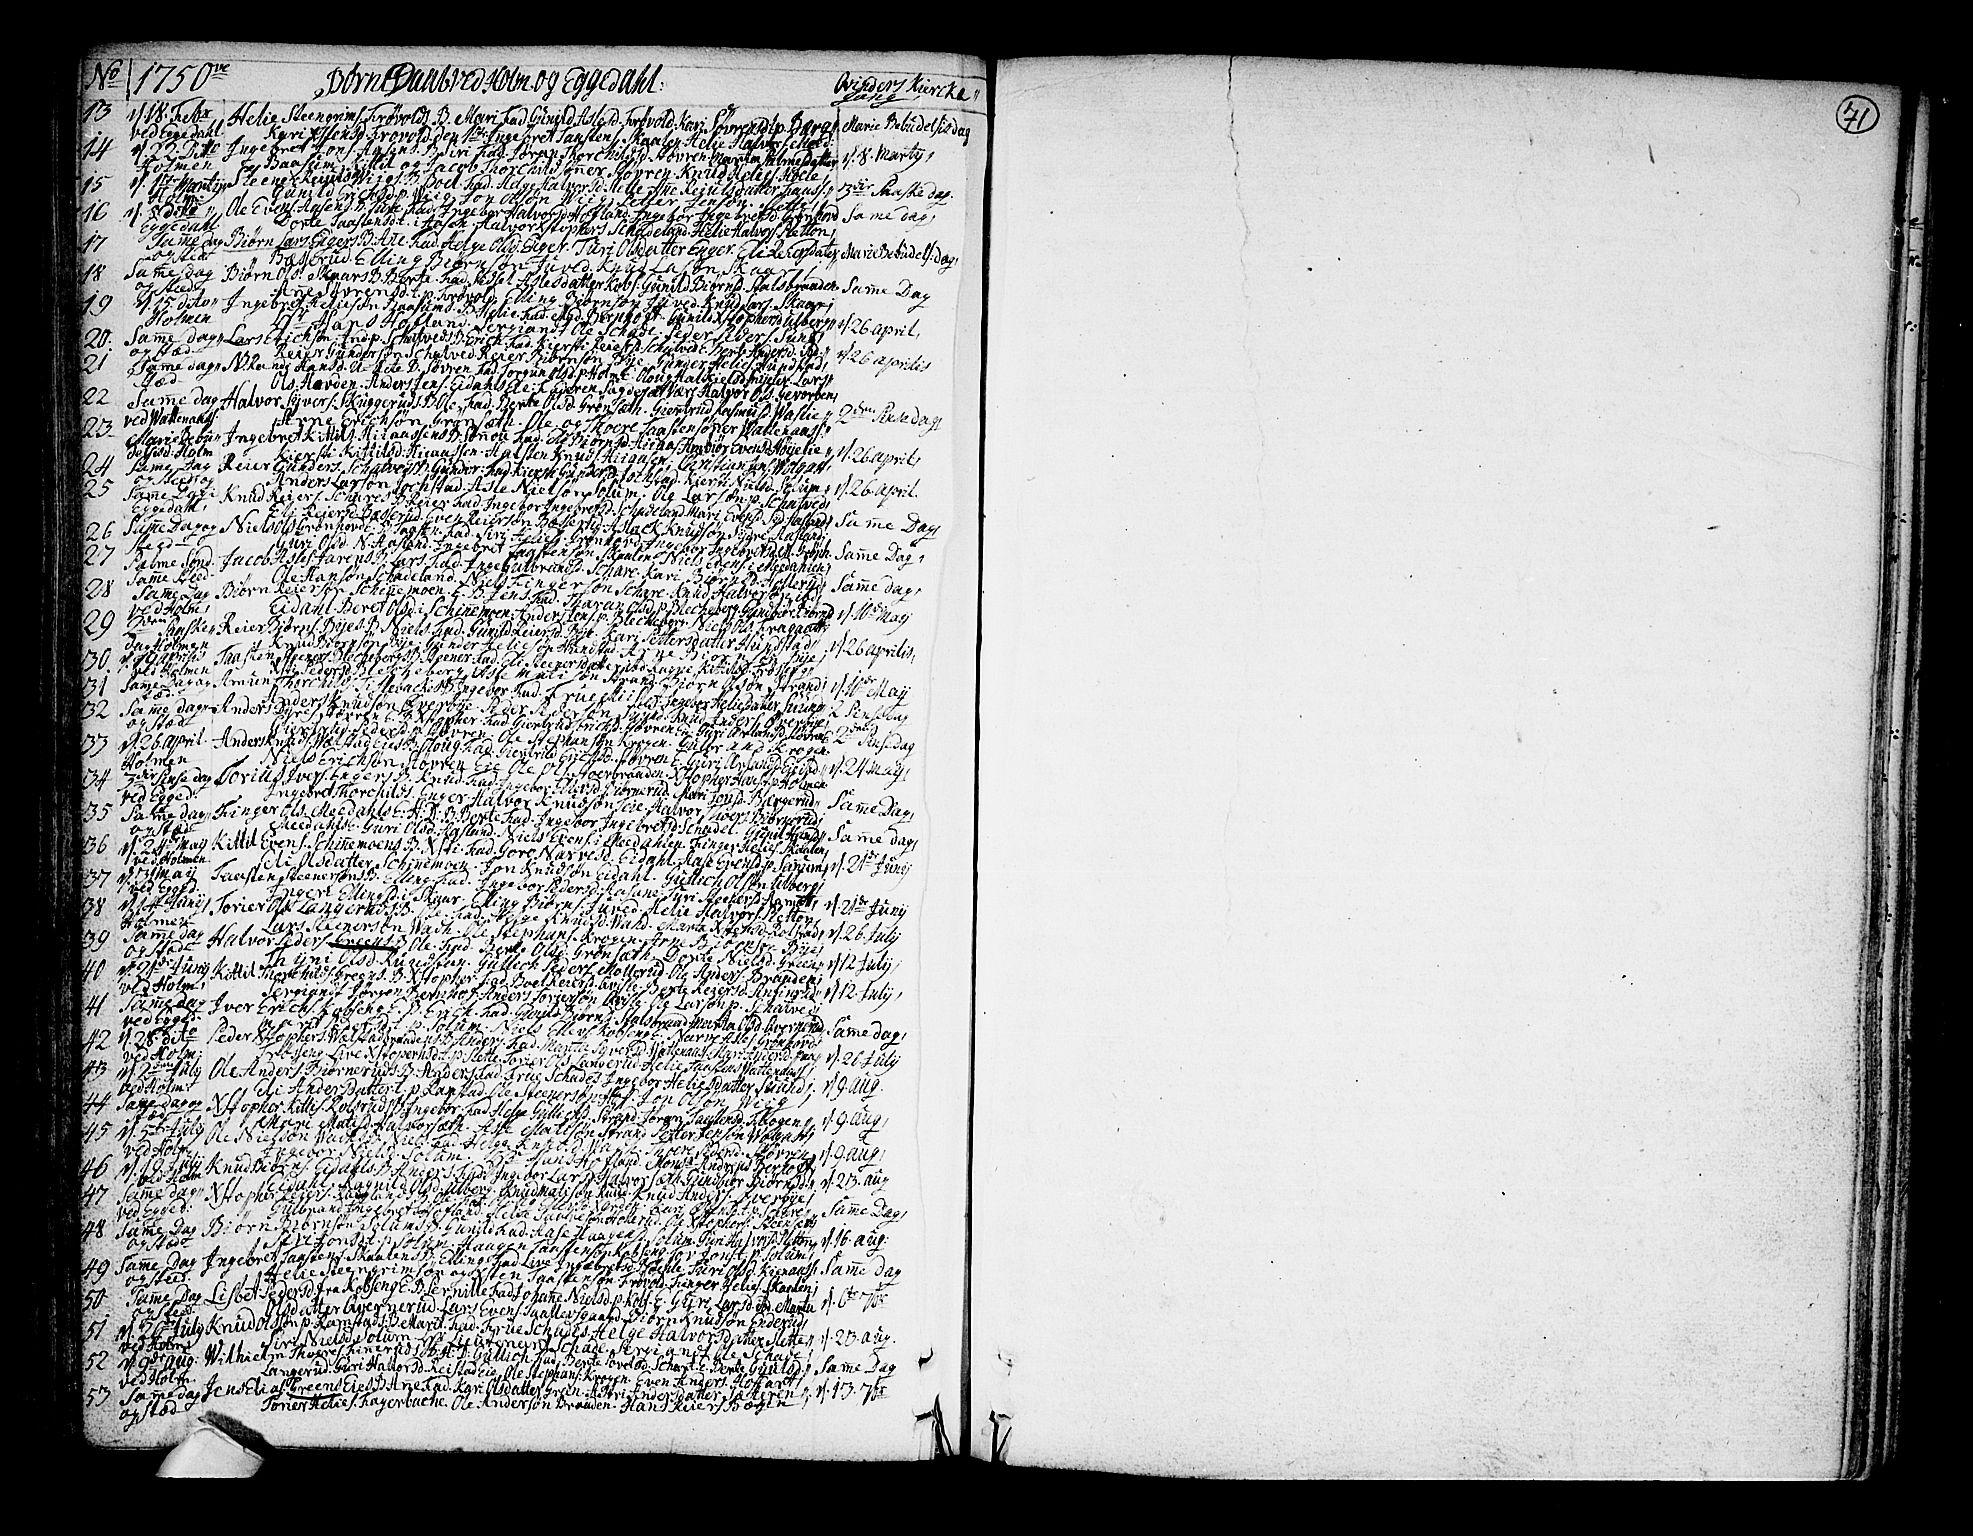 SAKO, Sigdal kirkebøker, F/Fa/L0001: Ministerialbok nr. I 1, 1722-1777, s. 71